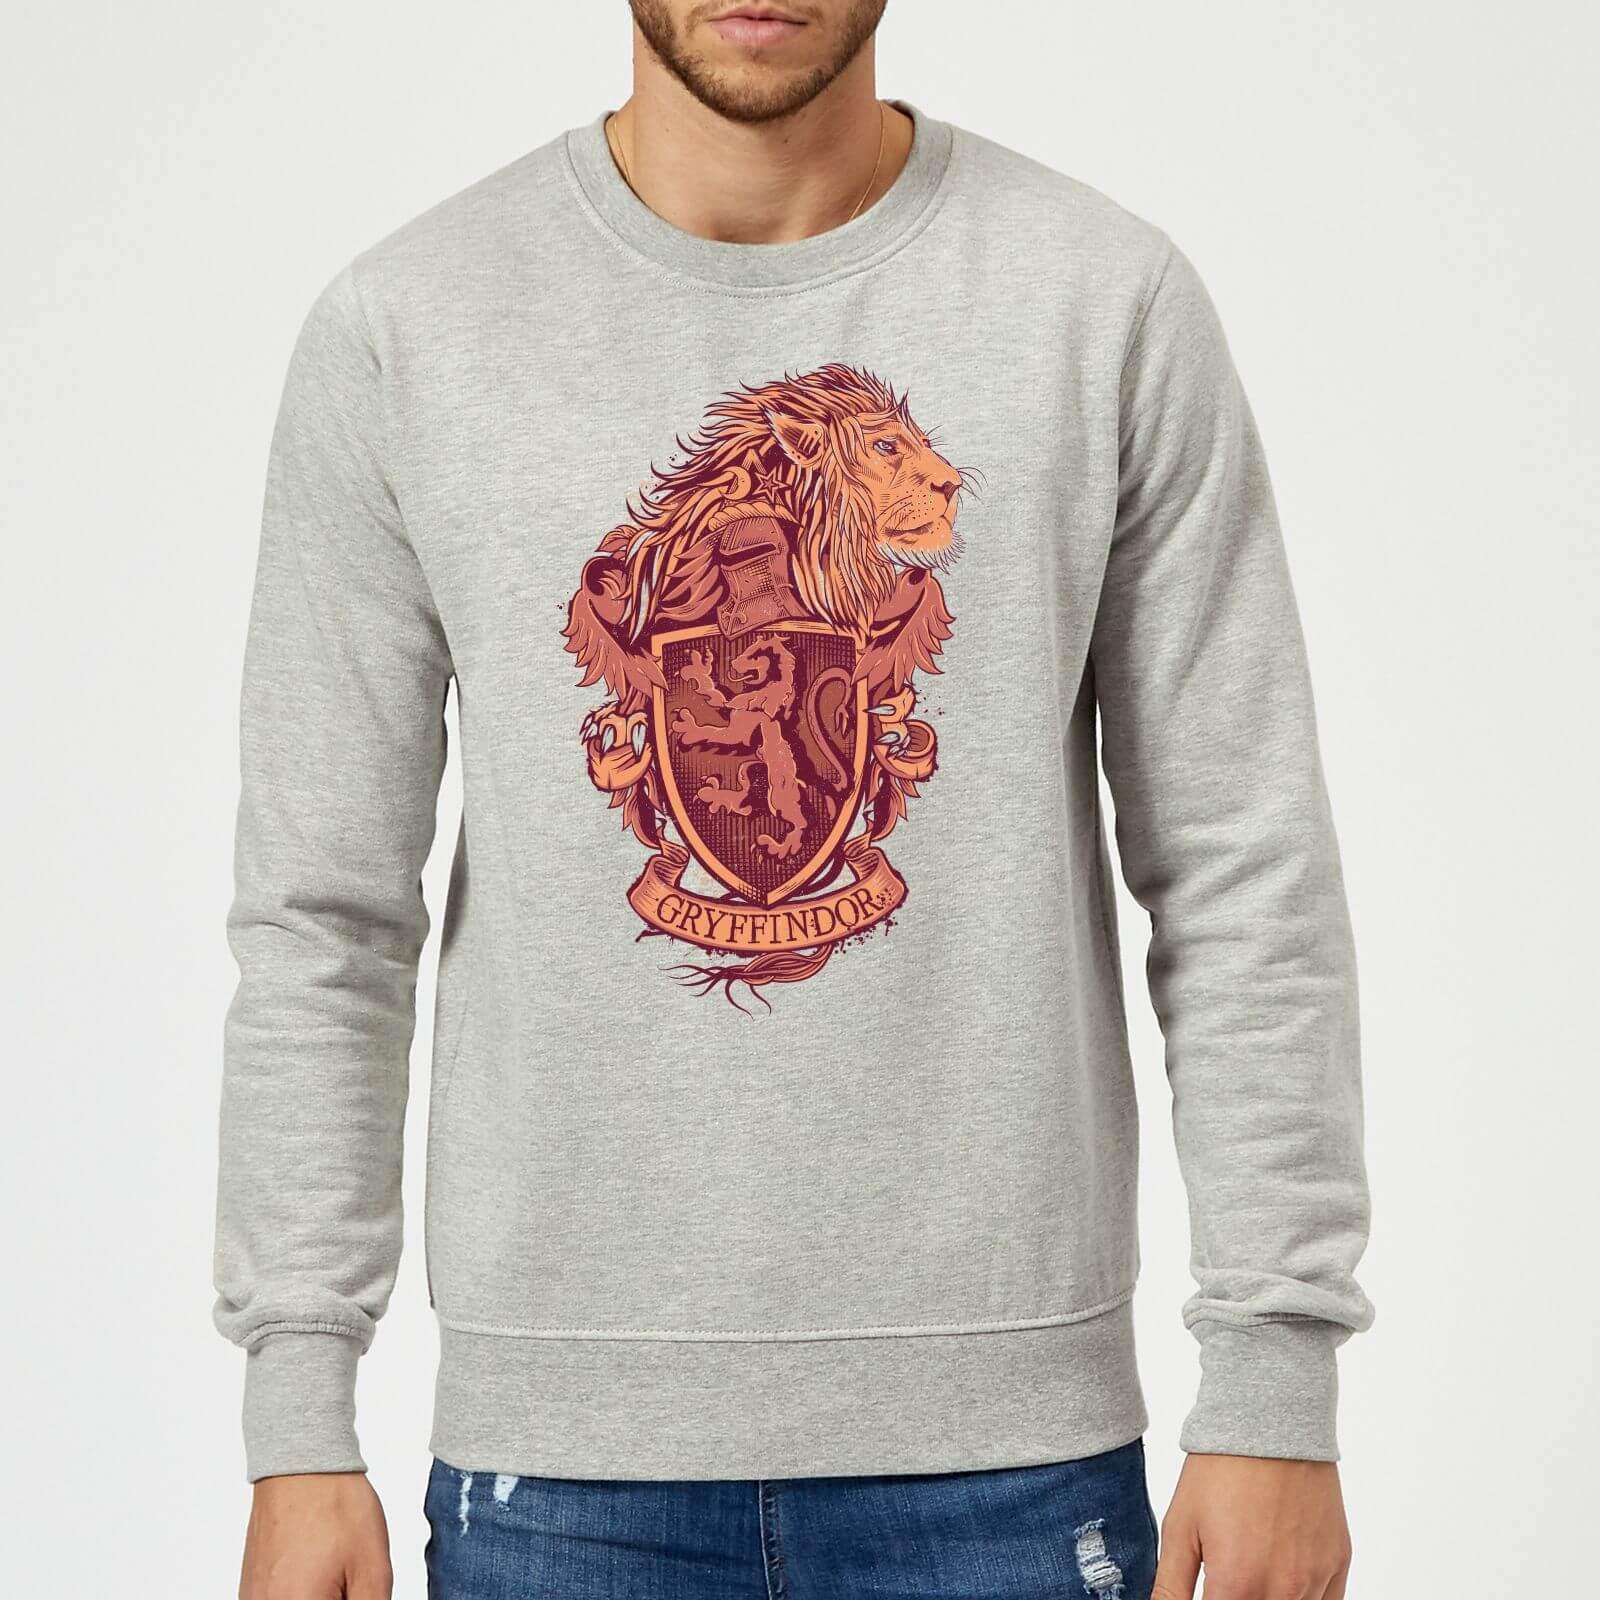 Harry Potter Gryffindor Drawn Crest Sweatshirt - Grey - S - Gris